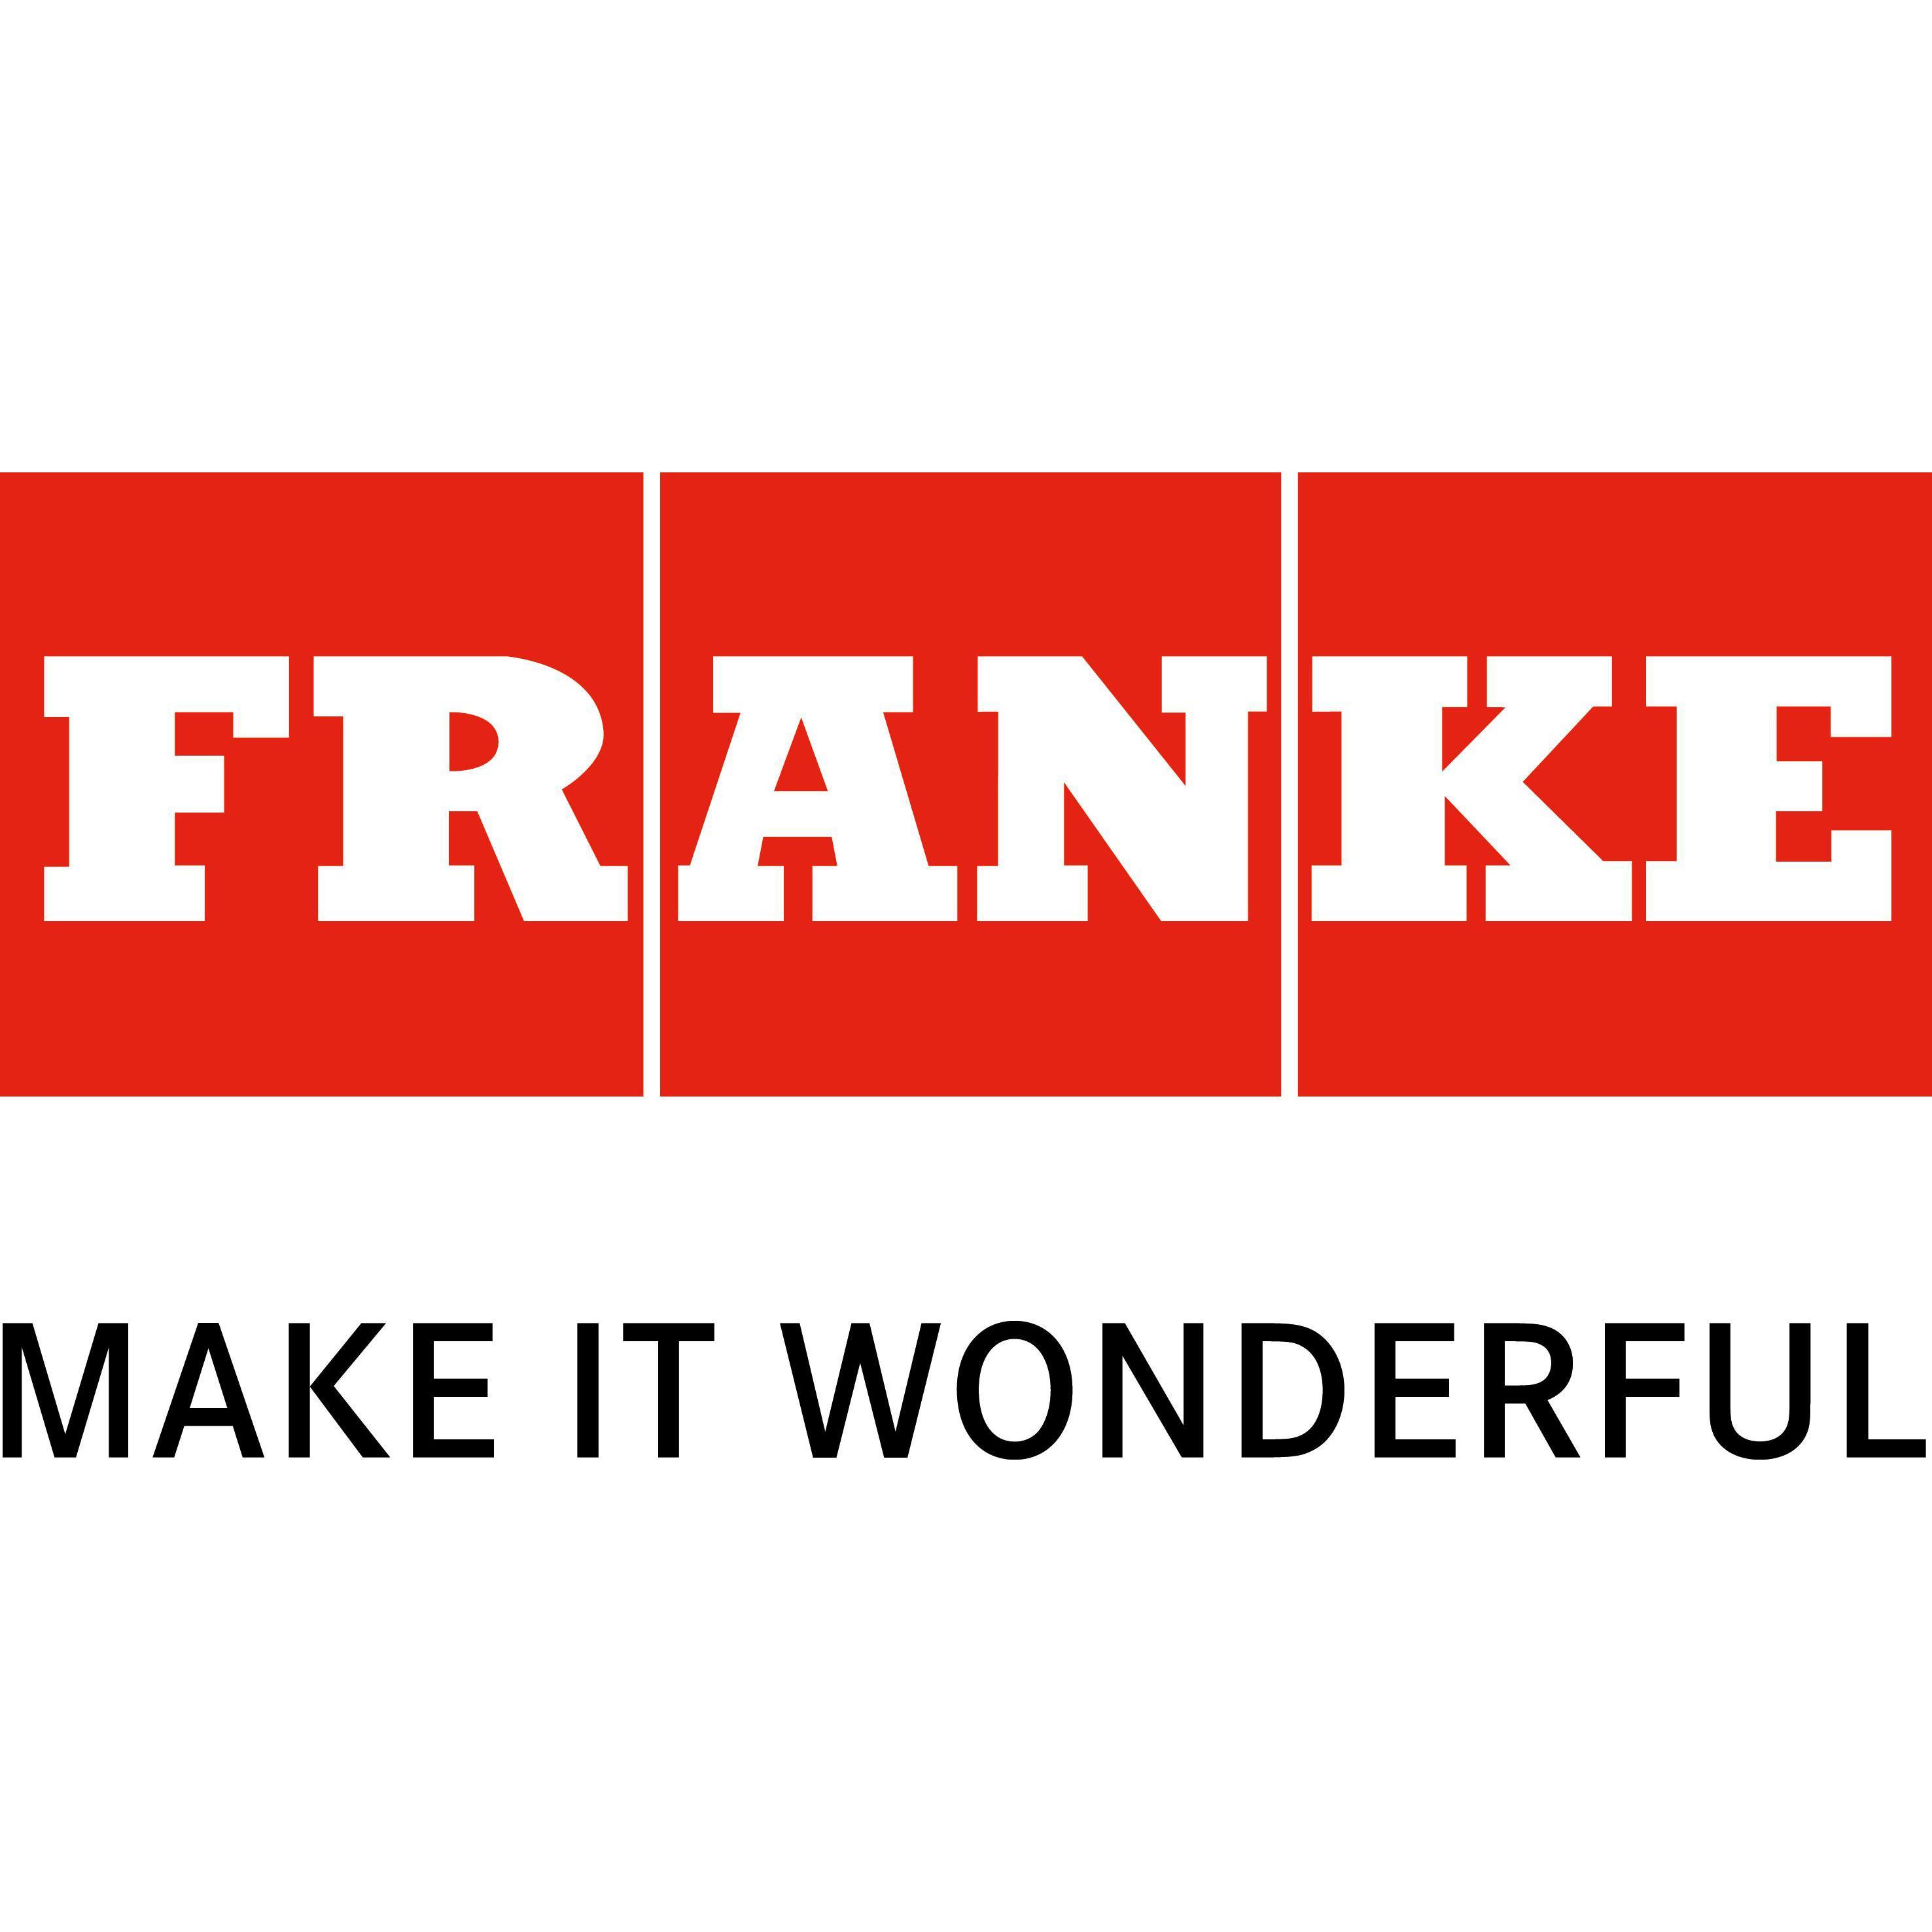 Franke Coffee Systems GmbH in 97947, Grünsfeld